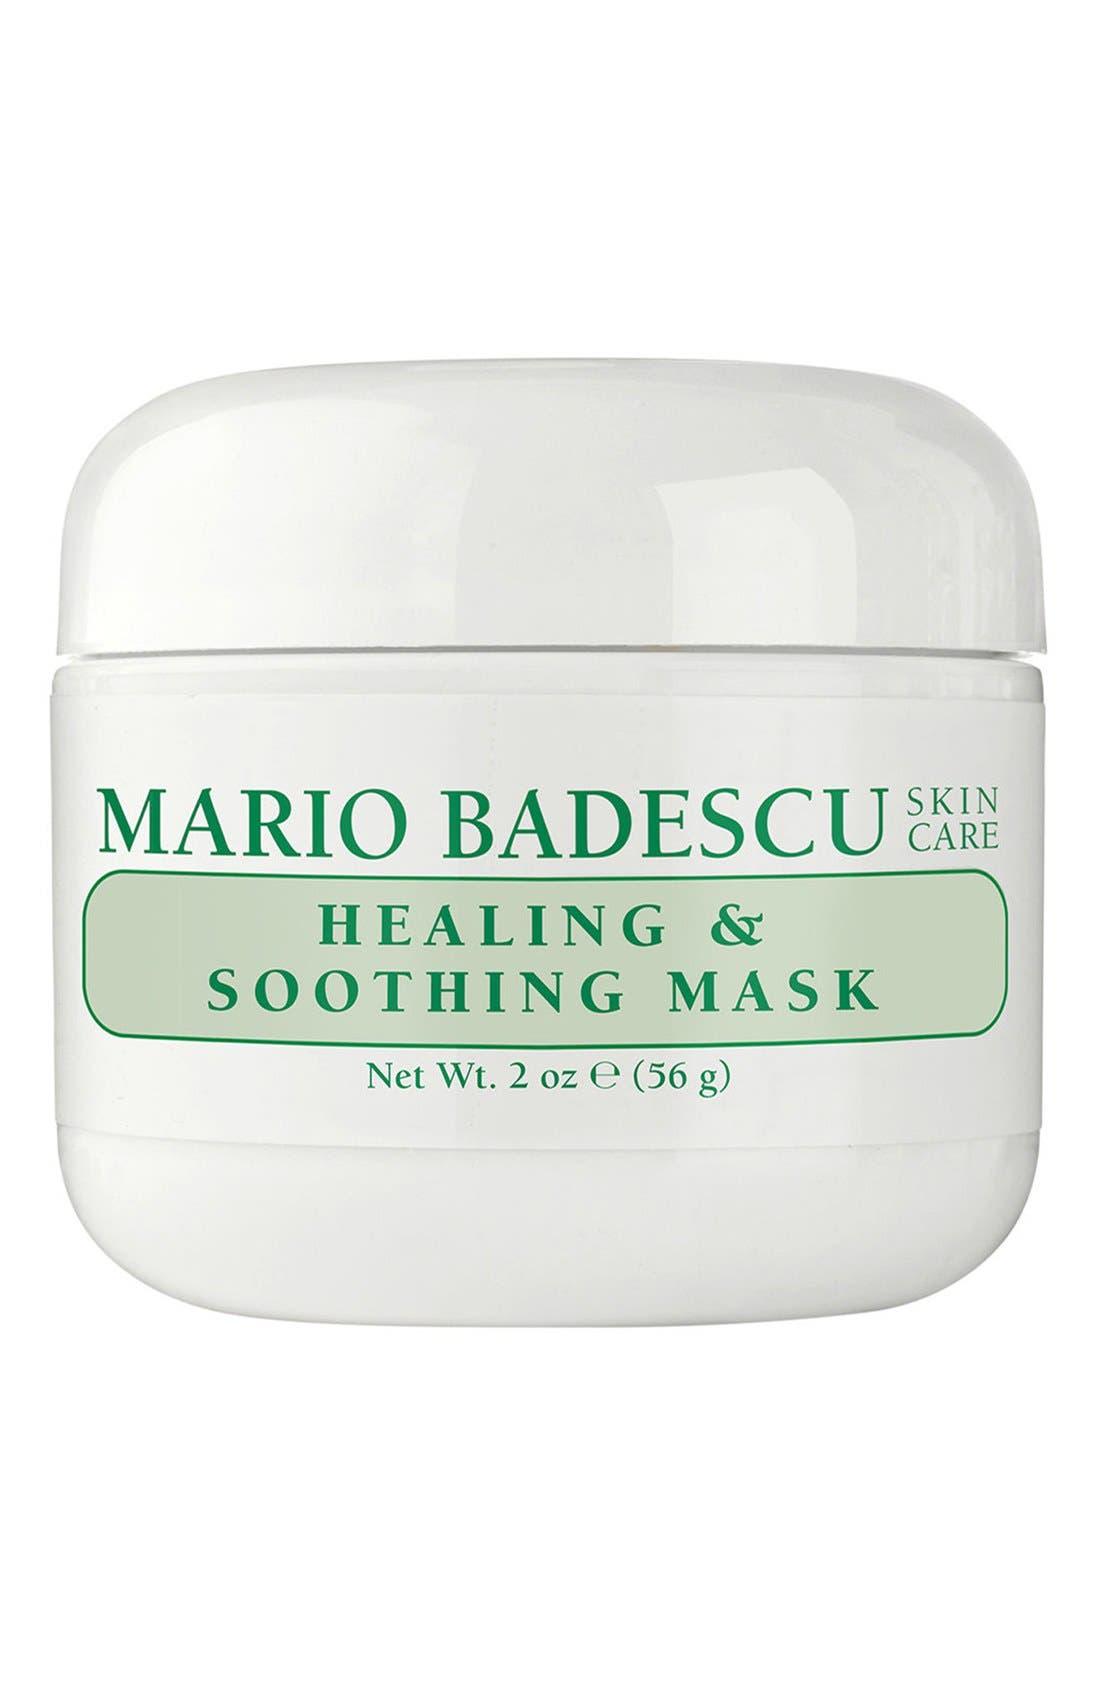 Healing & Soothing Mask,                             Main thumbnail 1, color,                             NO COLOR